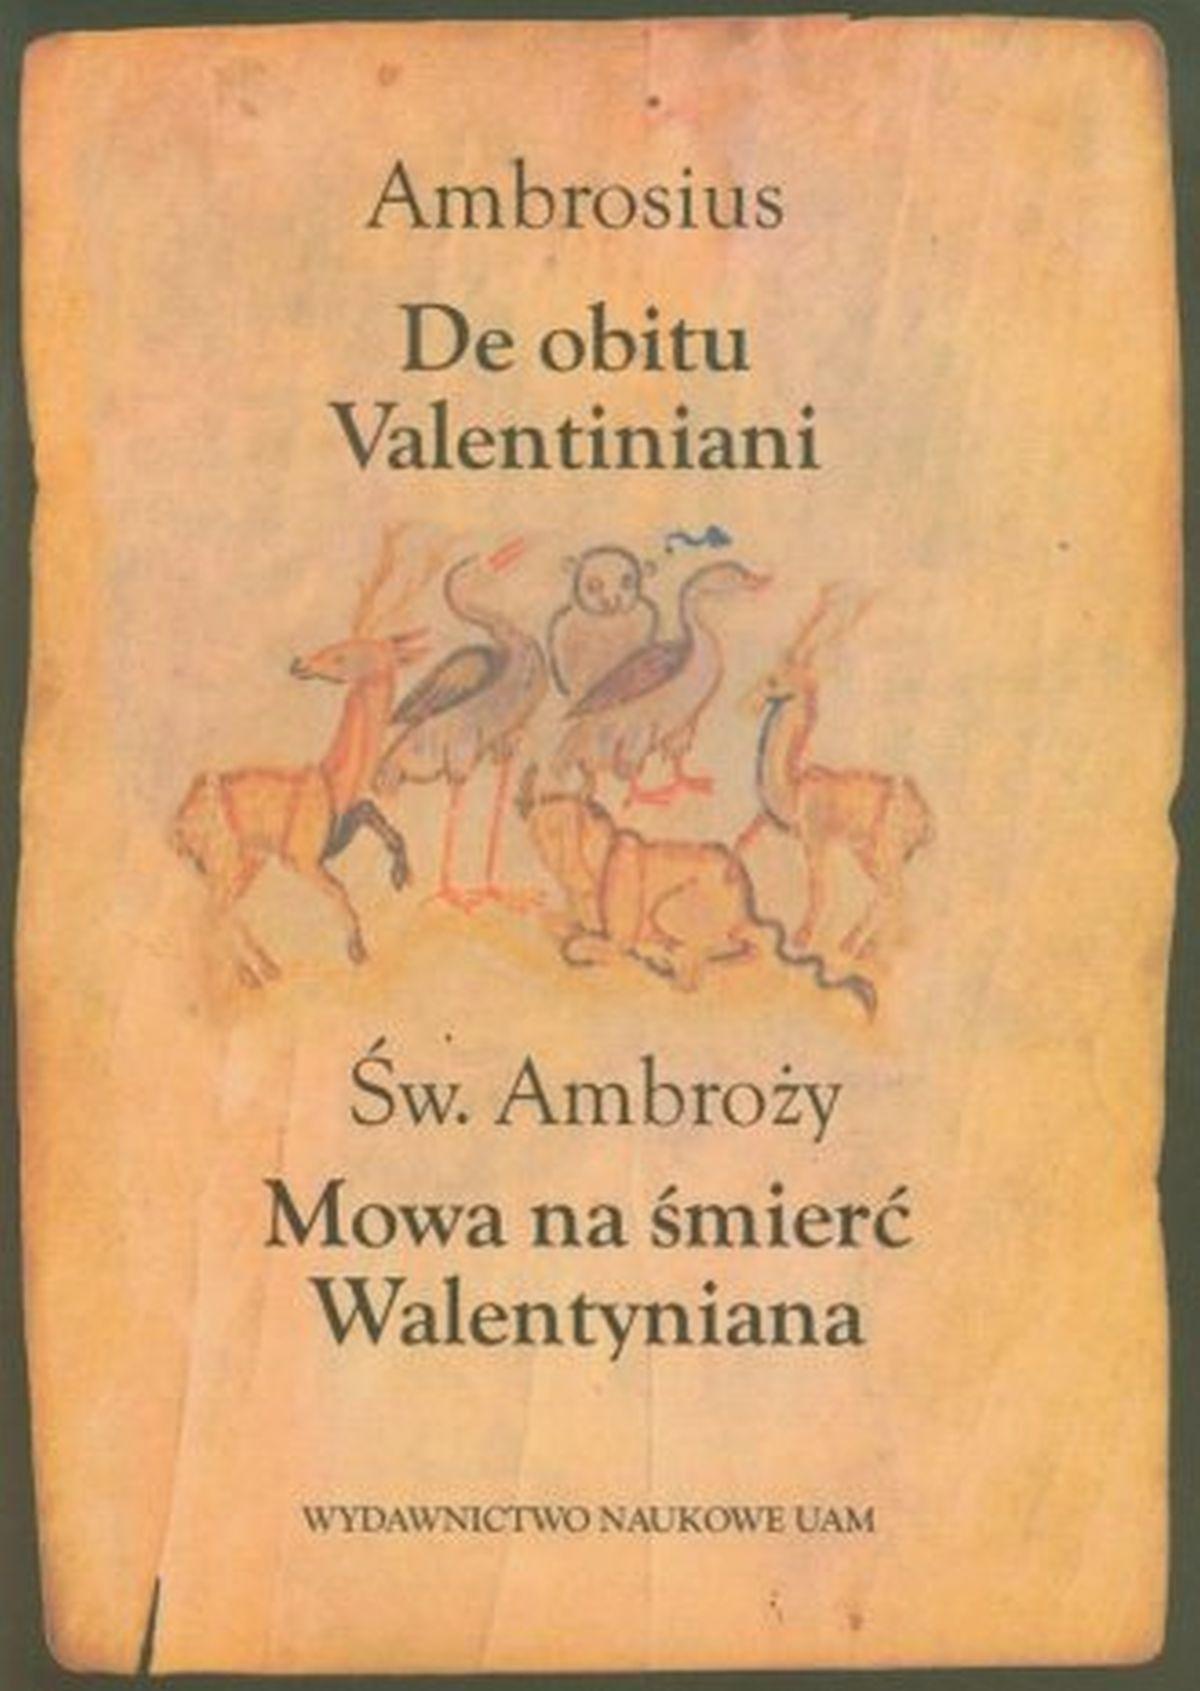 Mowa na śmieć Walentyniana. De obitu Valentiniani